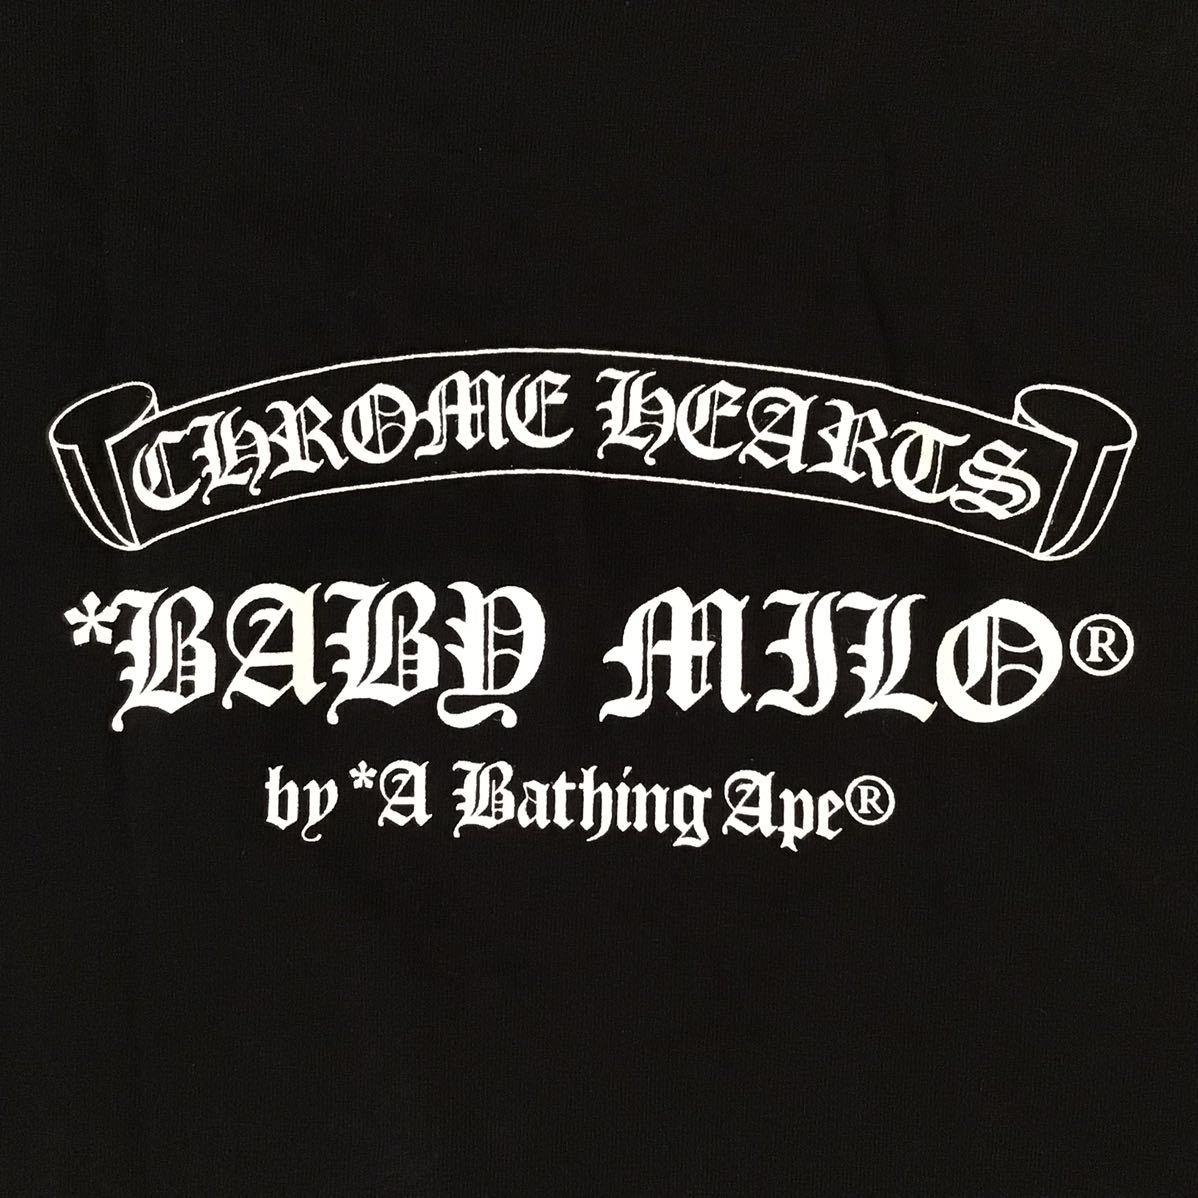 ★美品★ クロムハーツ × bape Tシャツ Sサイズ a bathing ape Chrome Hearts エイプ ベイプ アベイシングエイプ milo マイロ nigo zz53